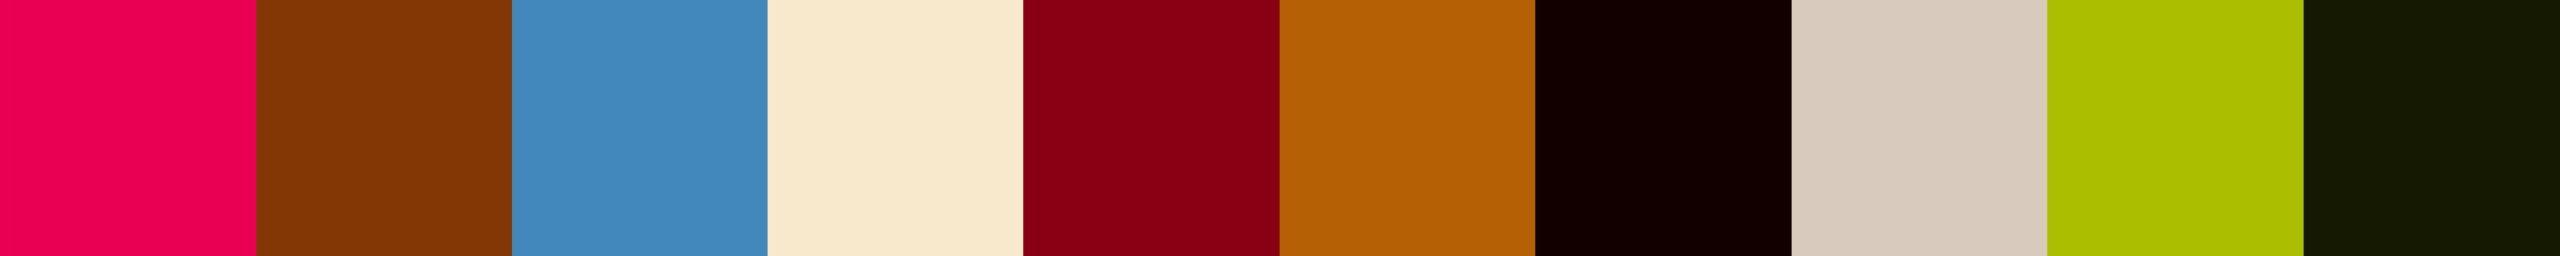 149 Nioupola Color Palette